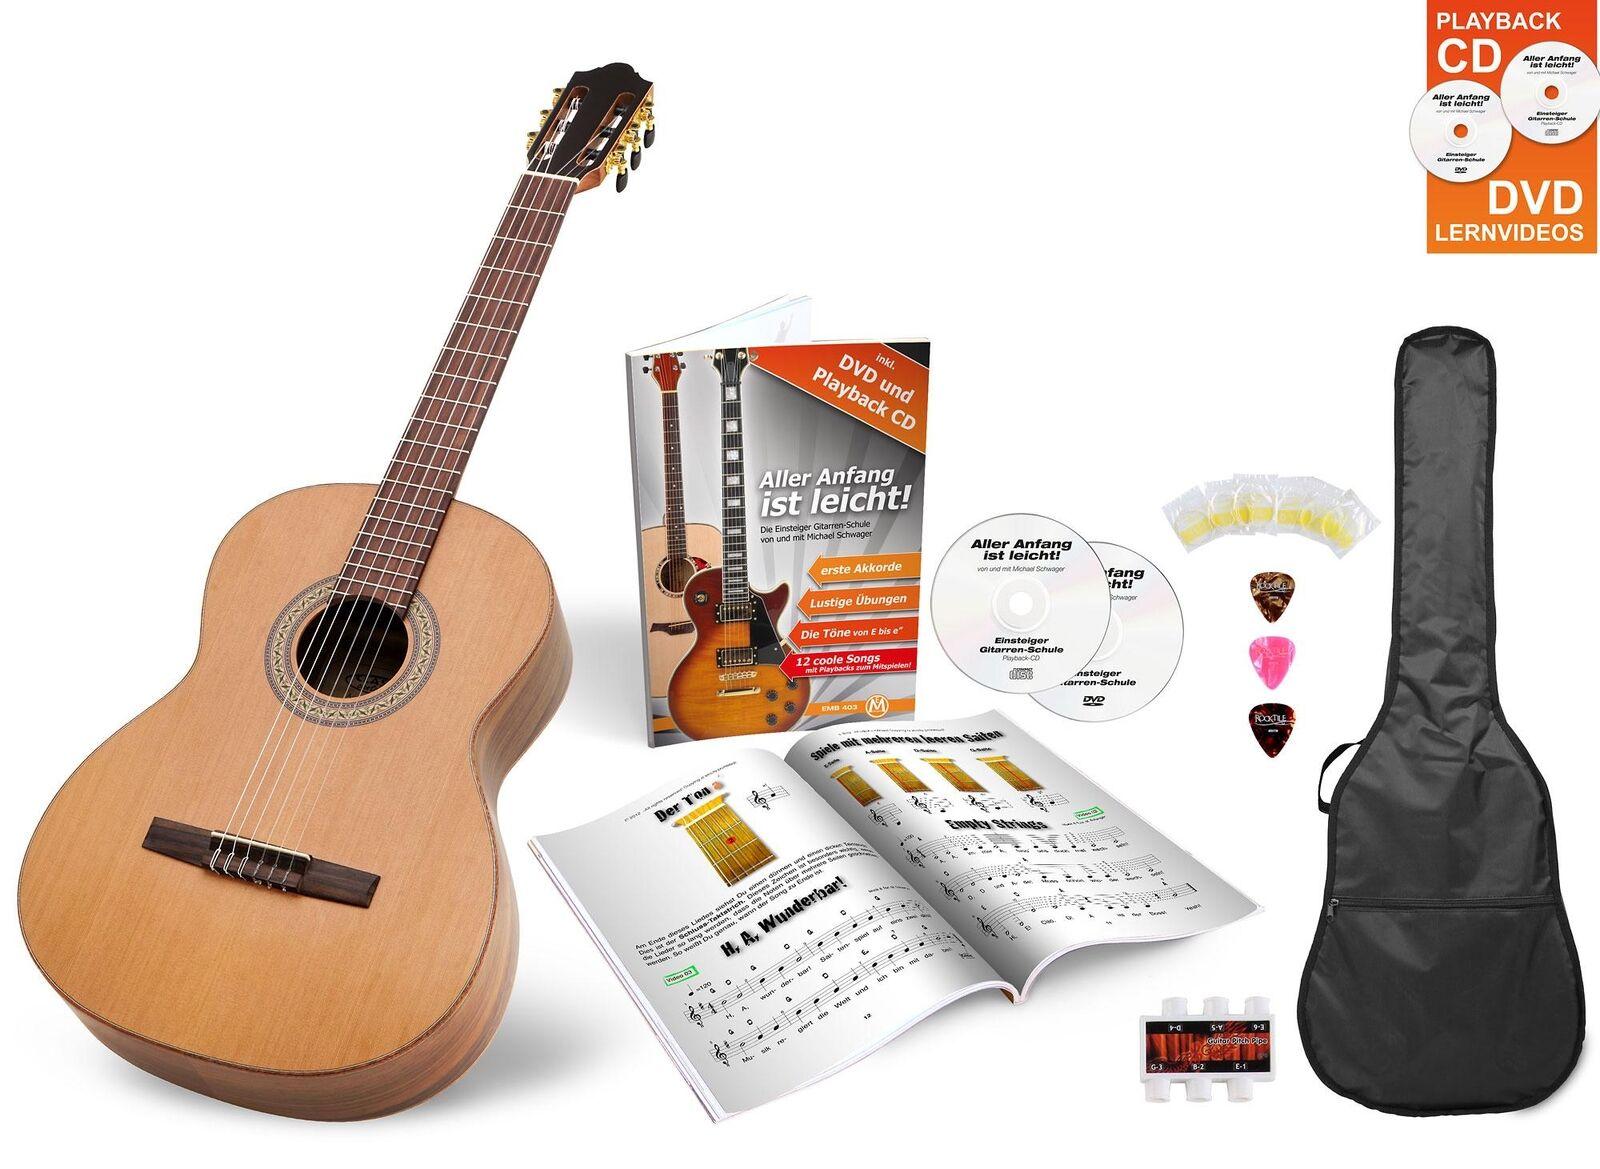 Konzertgitarre Klassik Gitarre 4 4 Akustik Zeder Walnuss Set Tasche Zubehör DVD